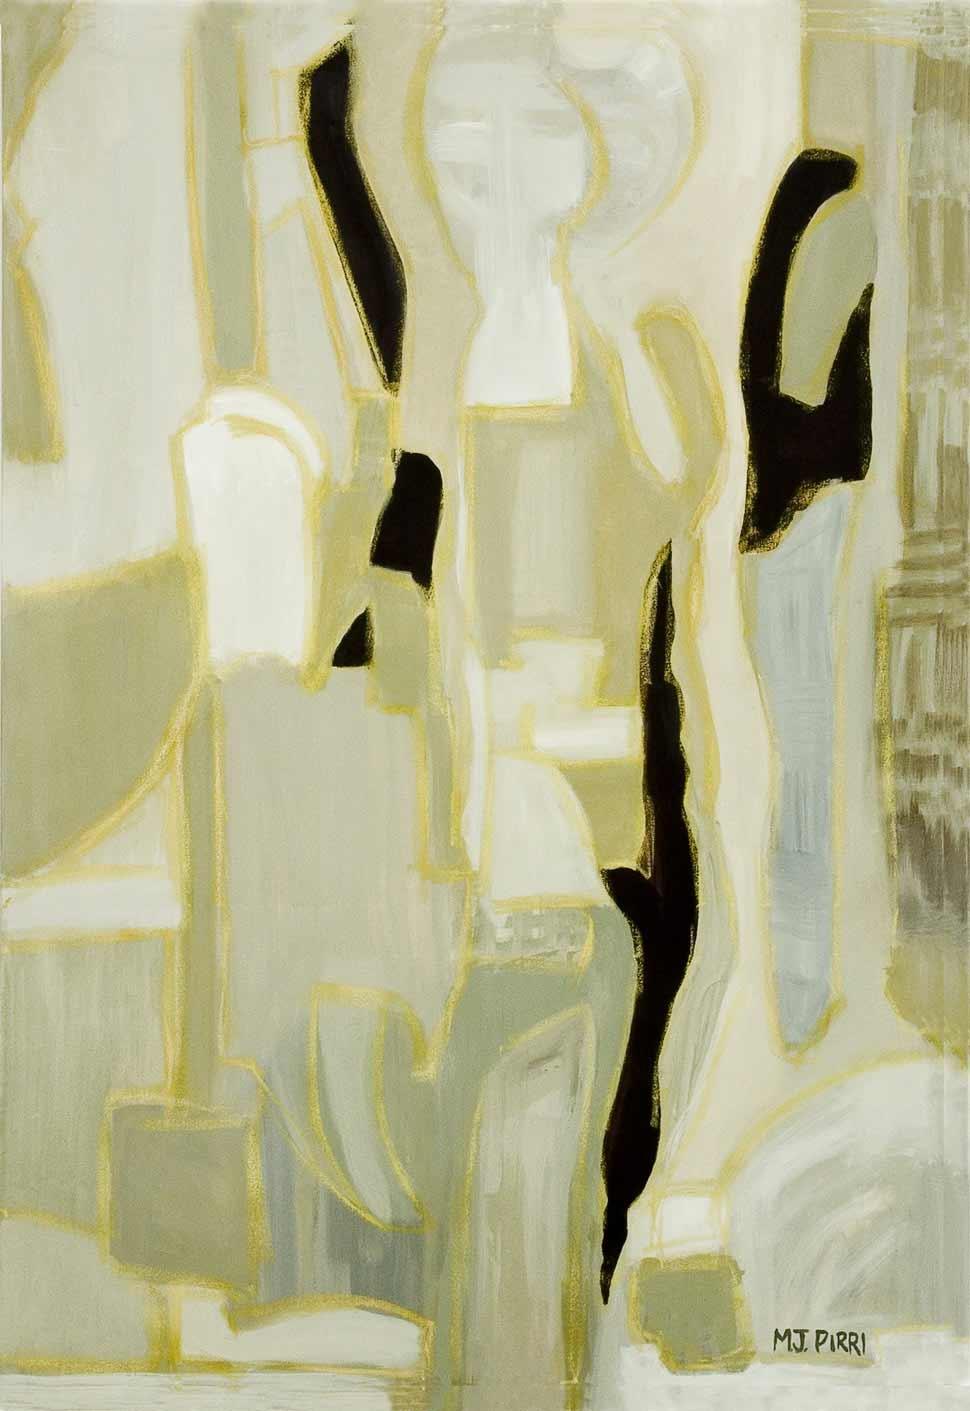 Marie-Josee Pirri - Untitled